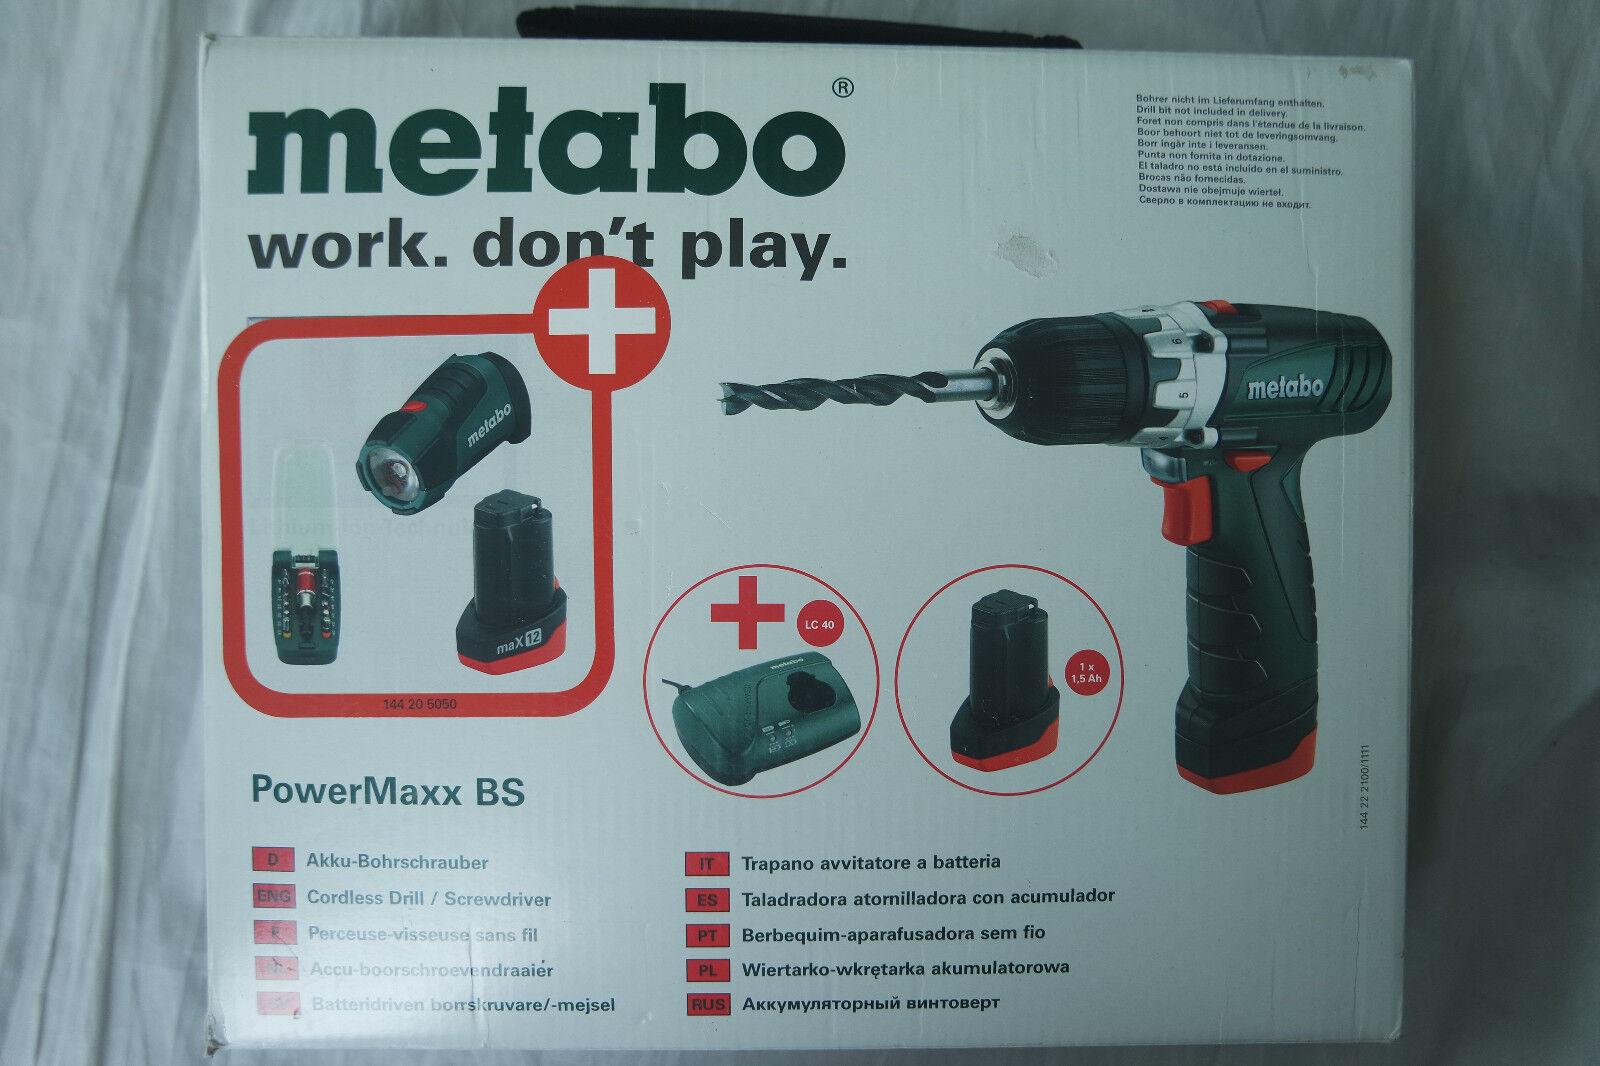 METABO Akku-Bohrschrauber POWERMAXX BS BASIC 2x Akku + Lampe Akkuschrauber